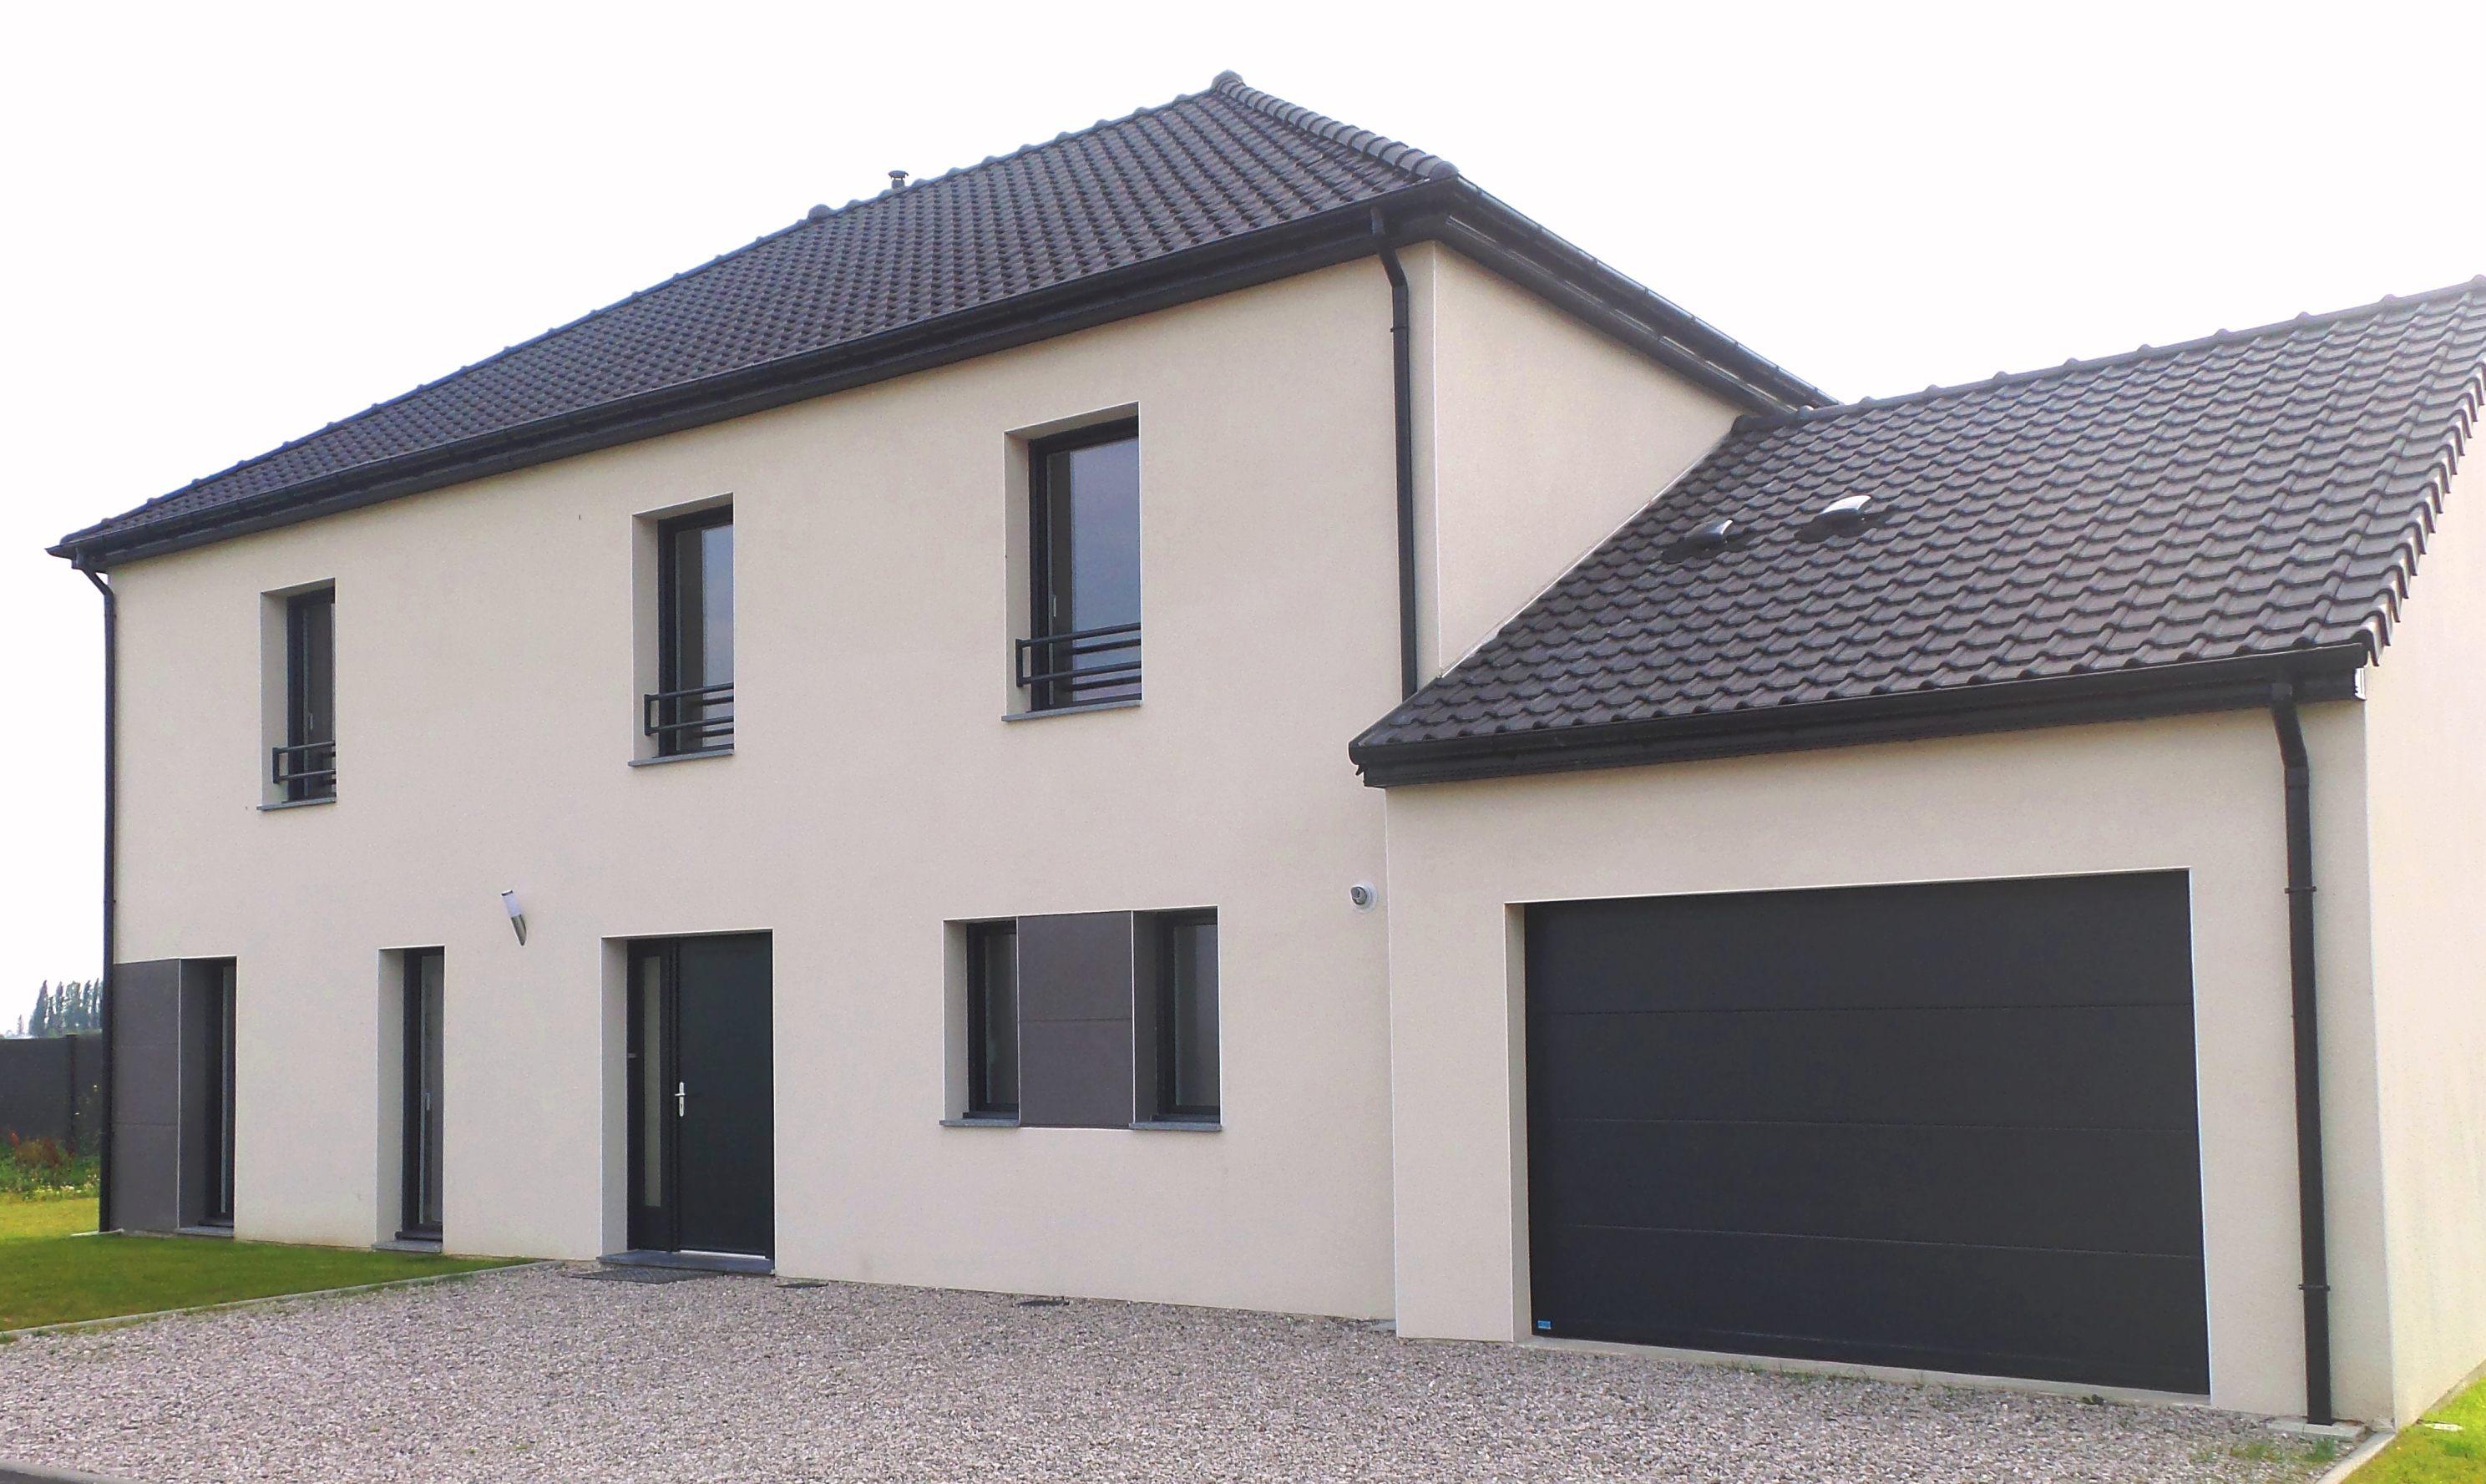 Maisons + Terrains du constructeur MAISON FAMILIALE MAREUIL LES MEAUX • 140 m² • GUIGNES